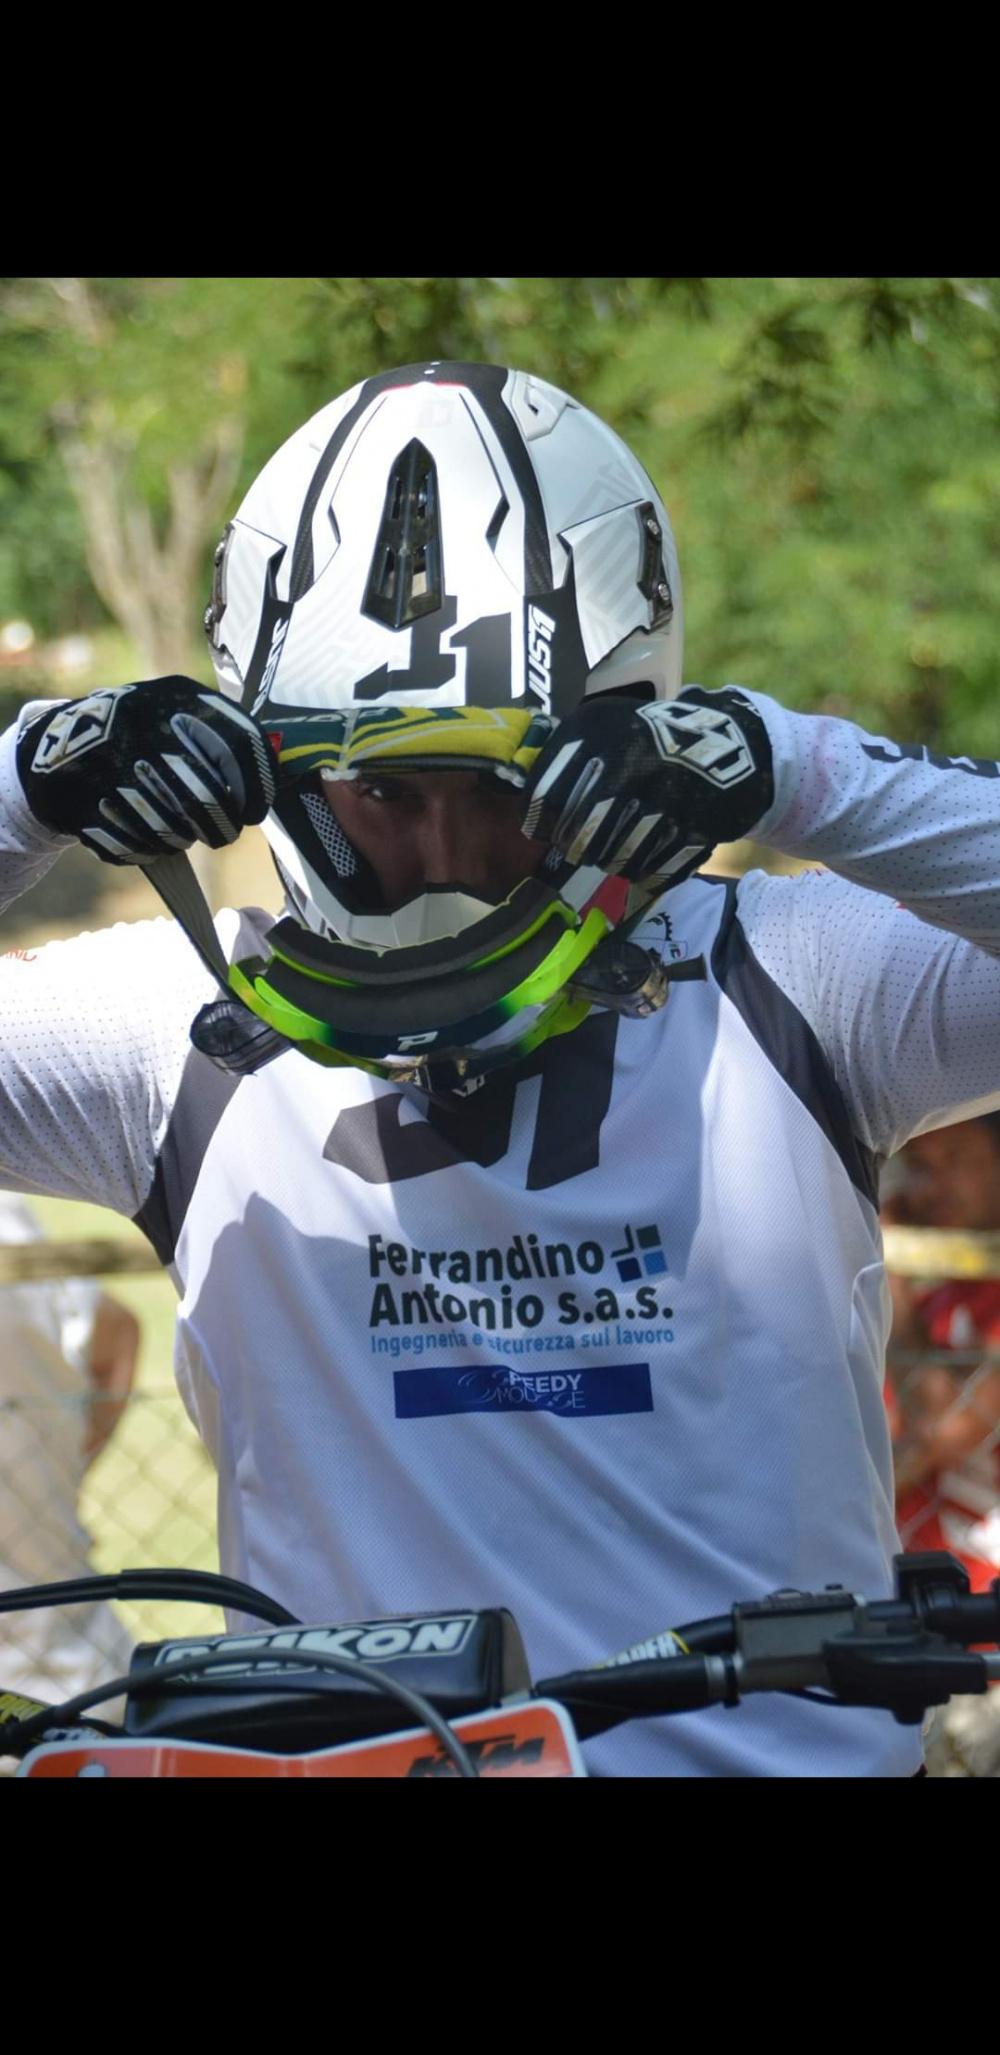 Andrea Cicogni